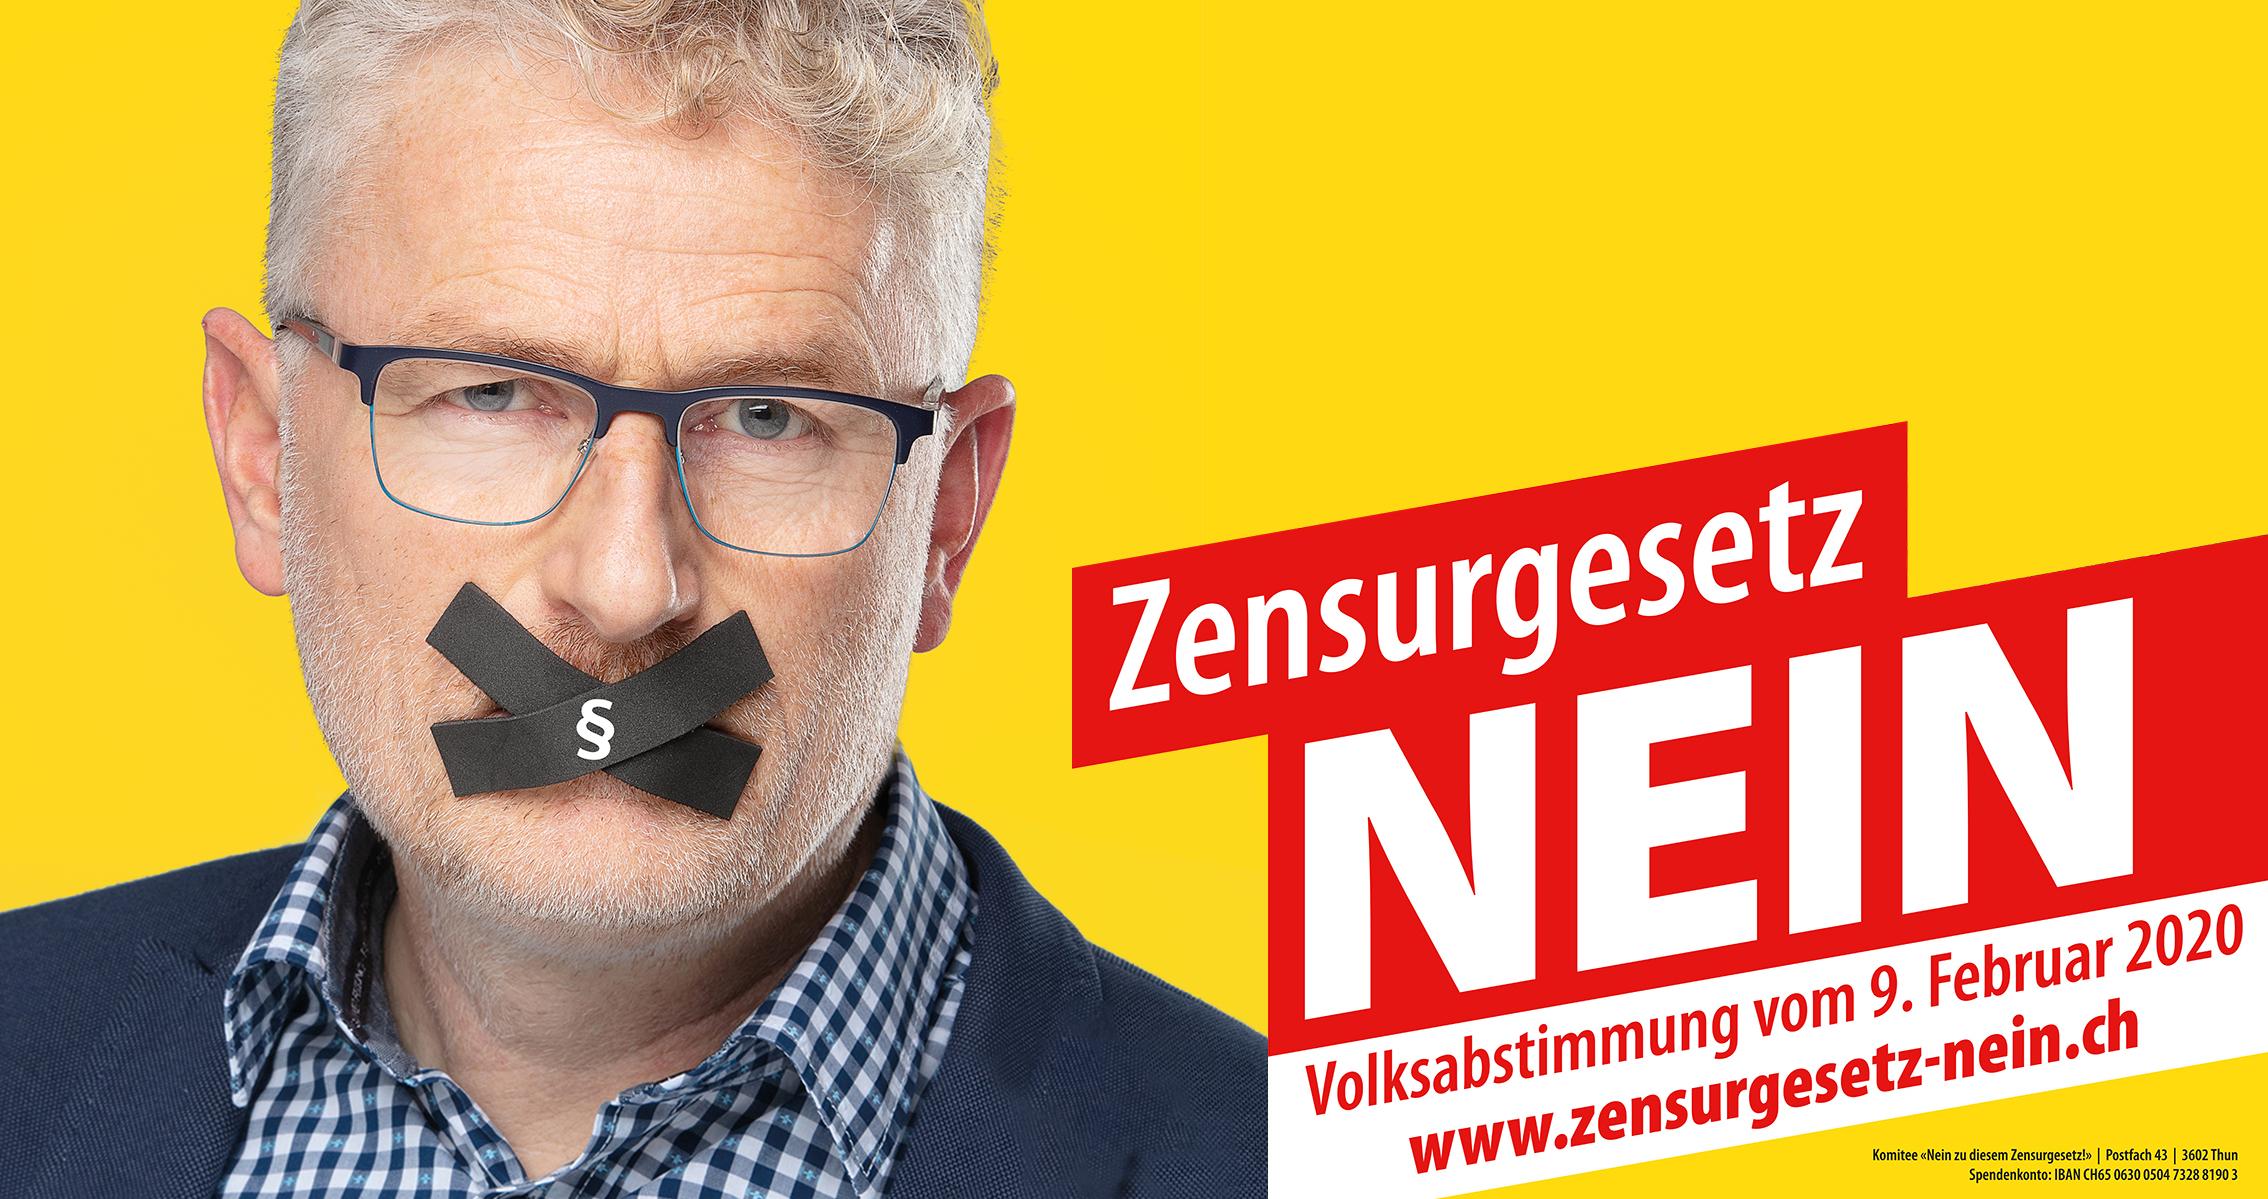 2x Nein – Minderheitenschutz braucht keine Zensur